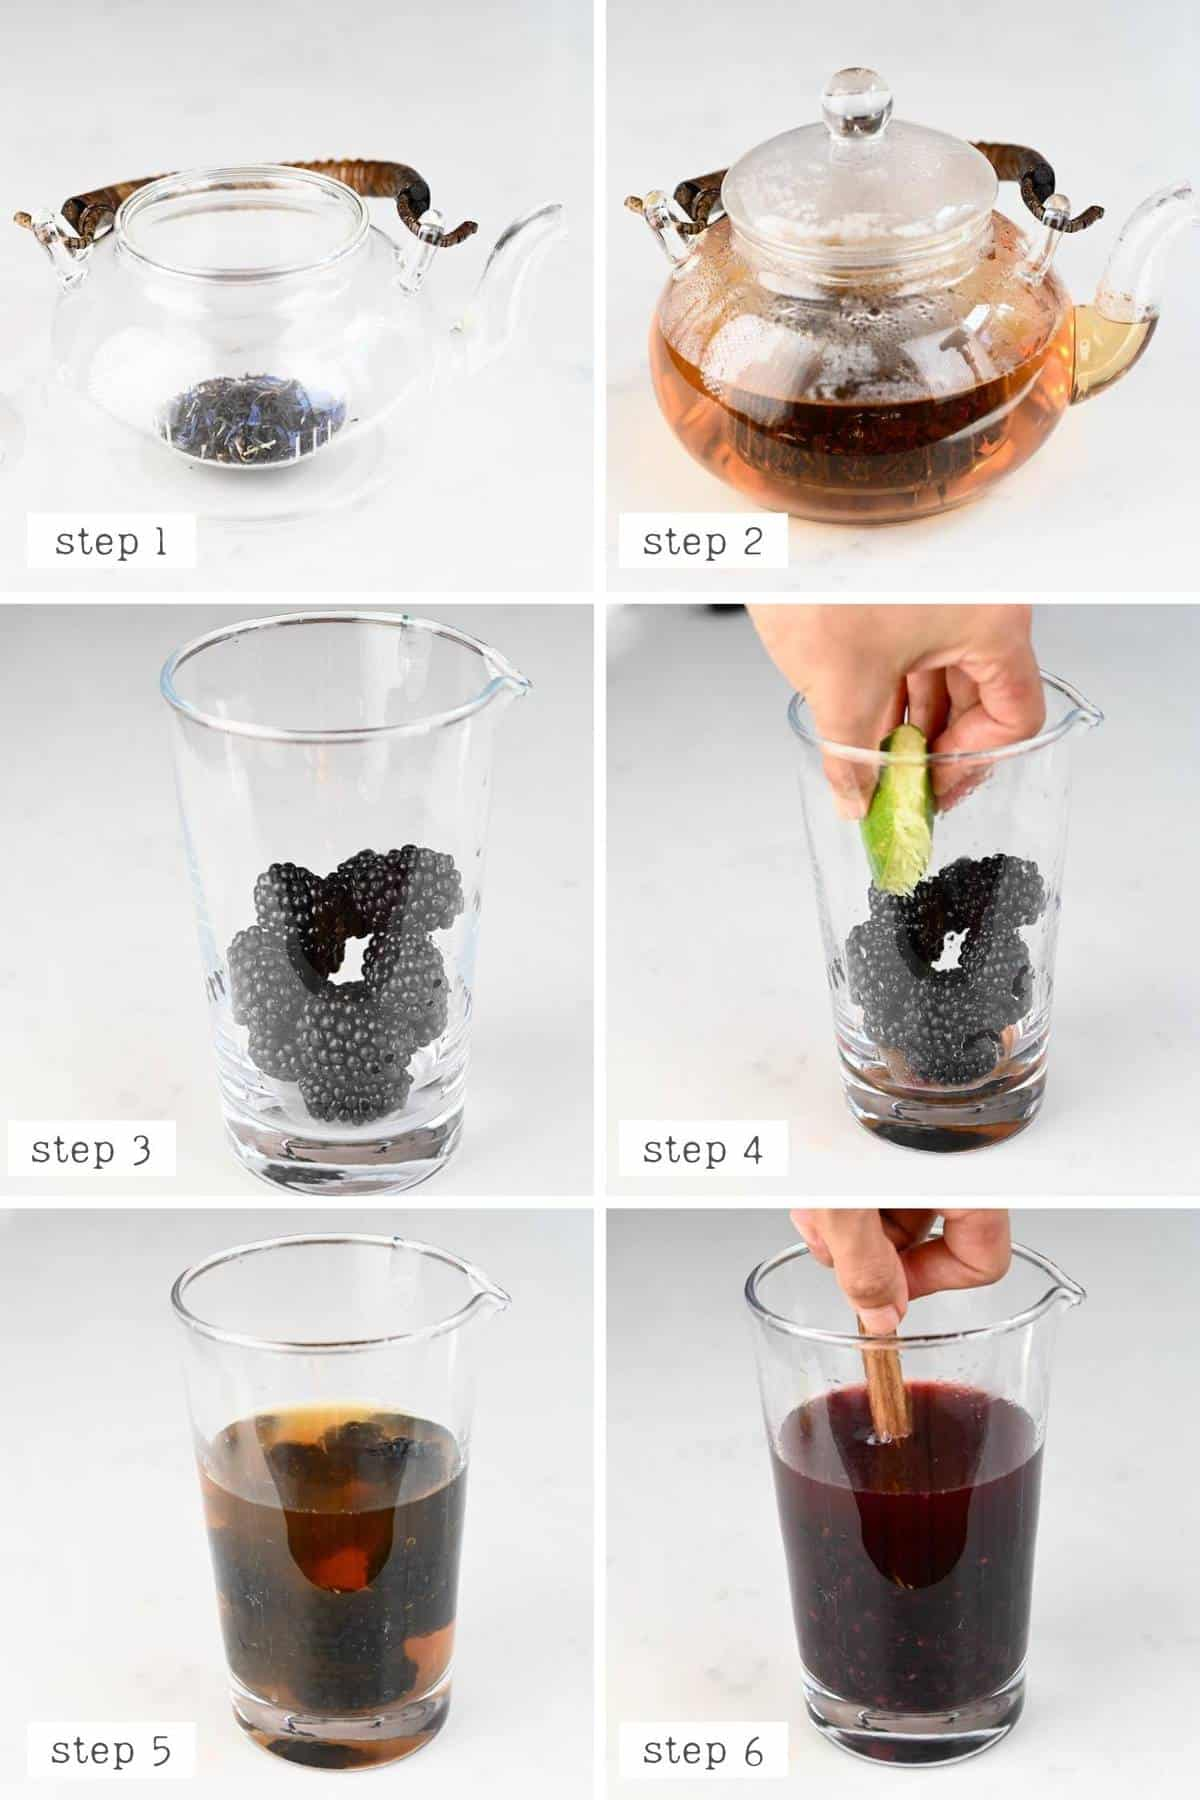 steps for making blackberry iced tea